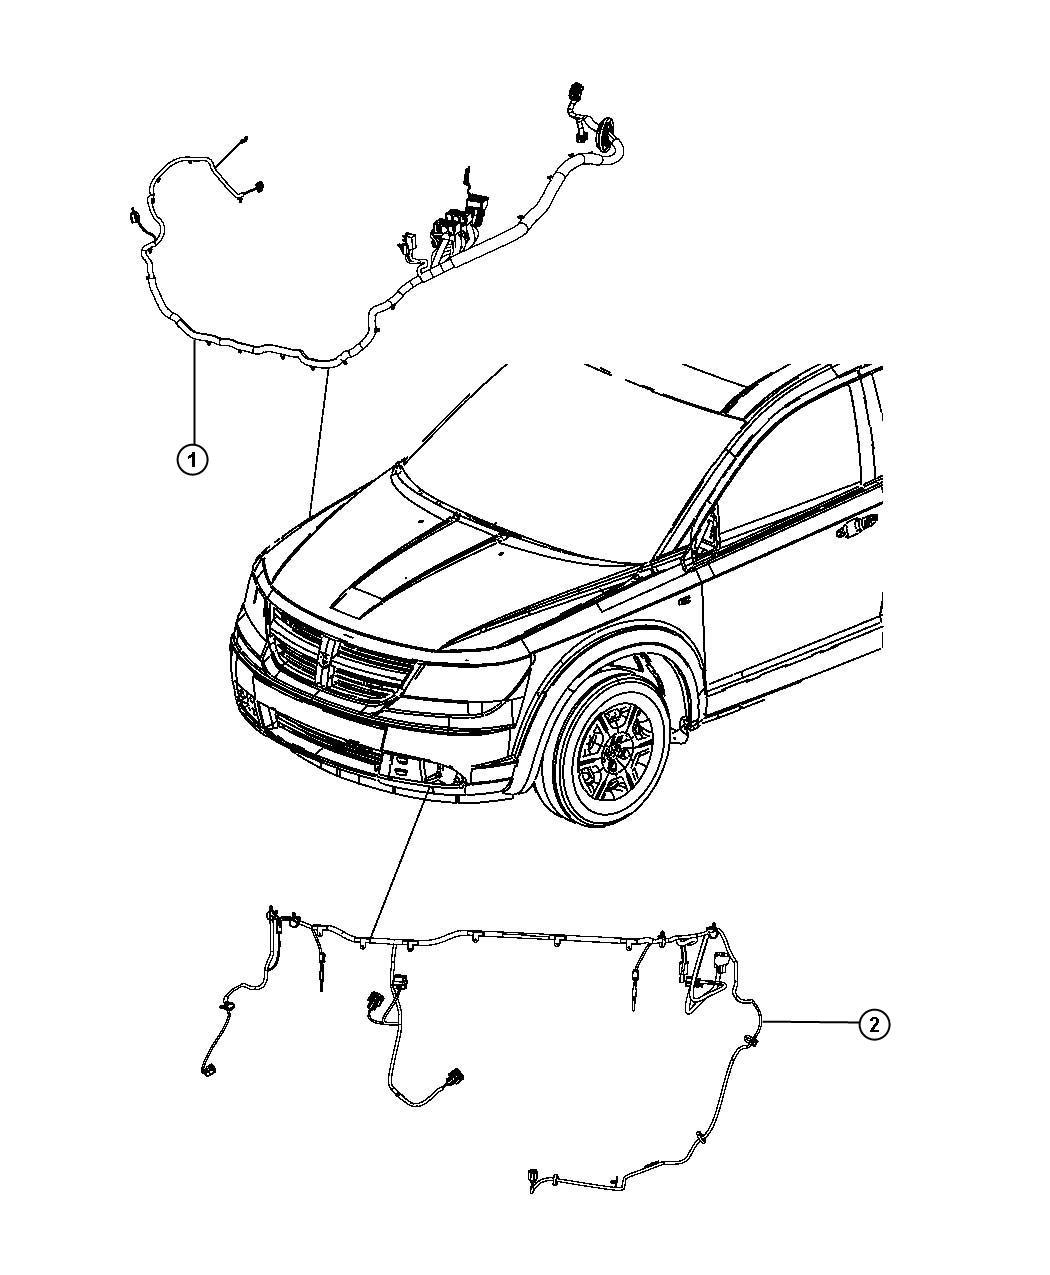 2012 Dodge Journey Wiring. Headlamp to dash. [side